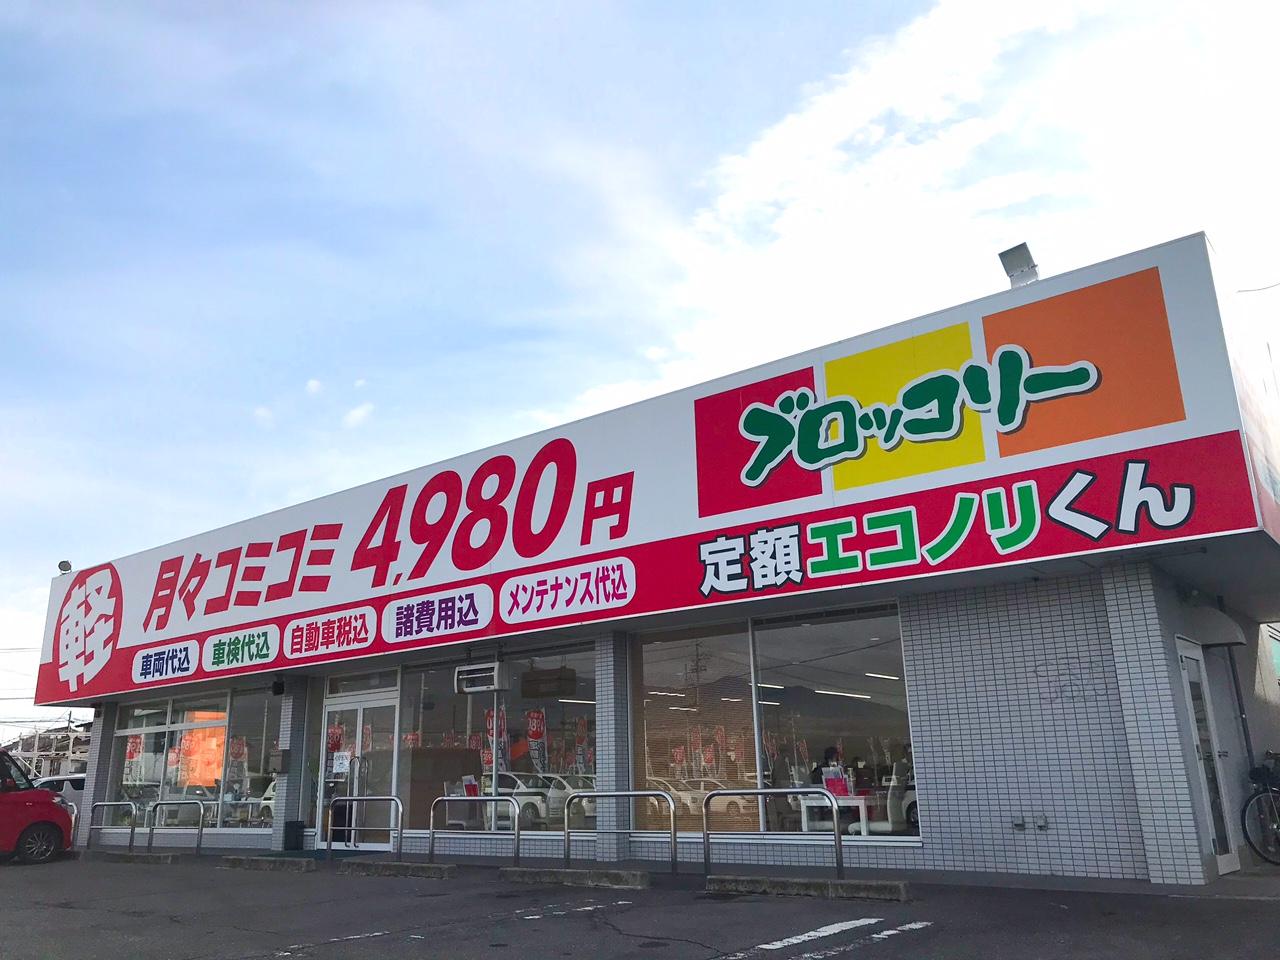 高年式中古軽自動車、定額エコノリくんで月々4,980円~♪カーライフの負担の軽減を!